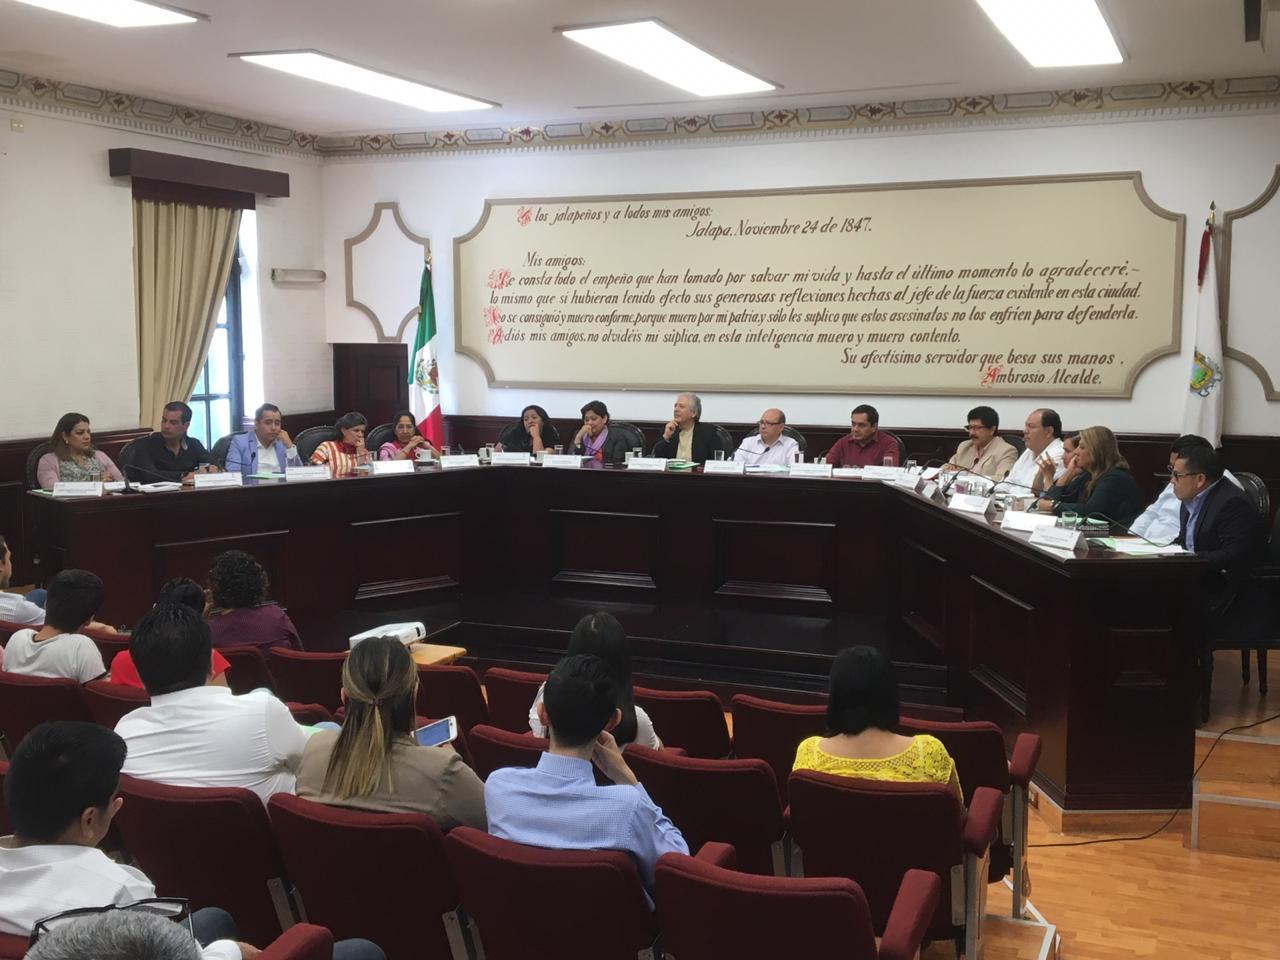 Obras para Xalapa y recursos del FORTAMUN